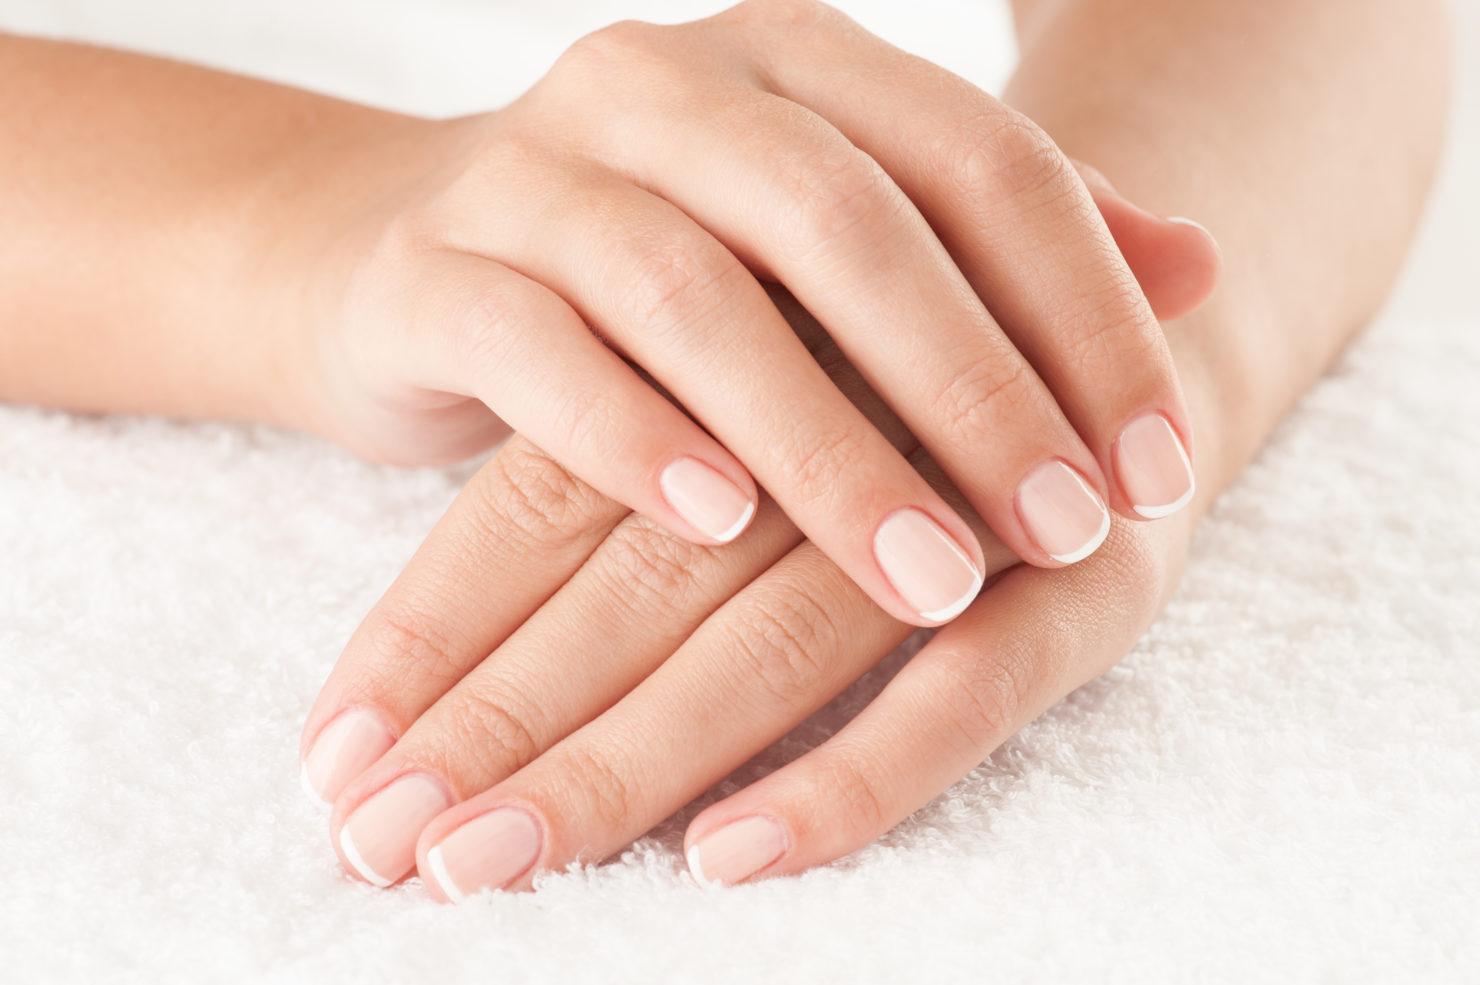 Pielęgnacja dłoni jak dbać jakie kosmetyki stosować